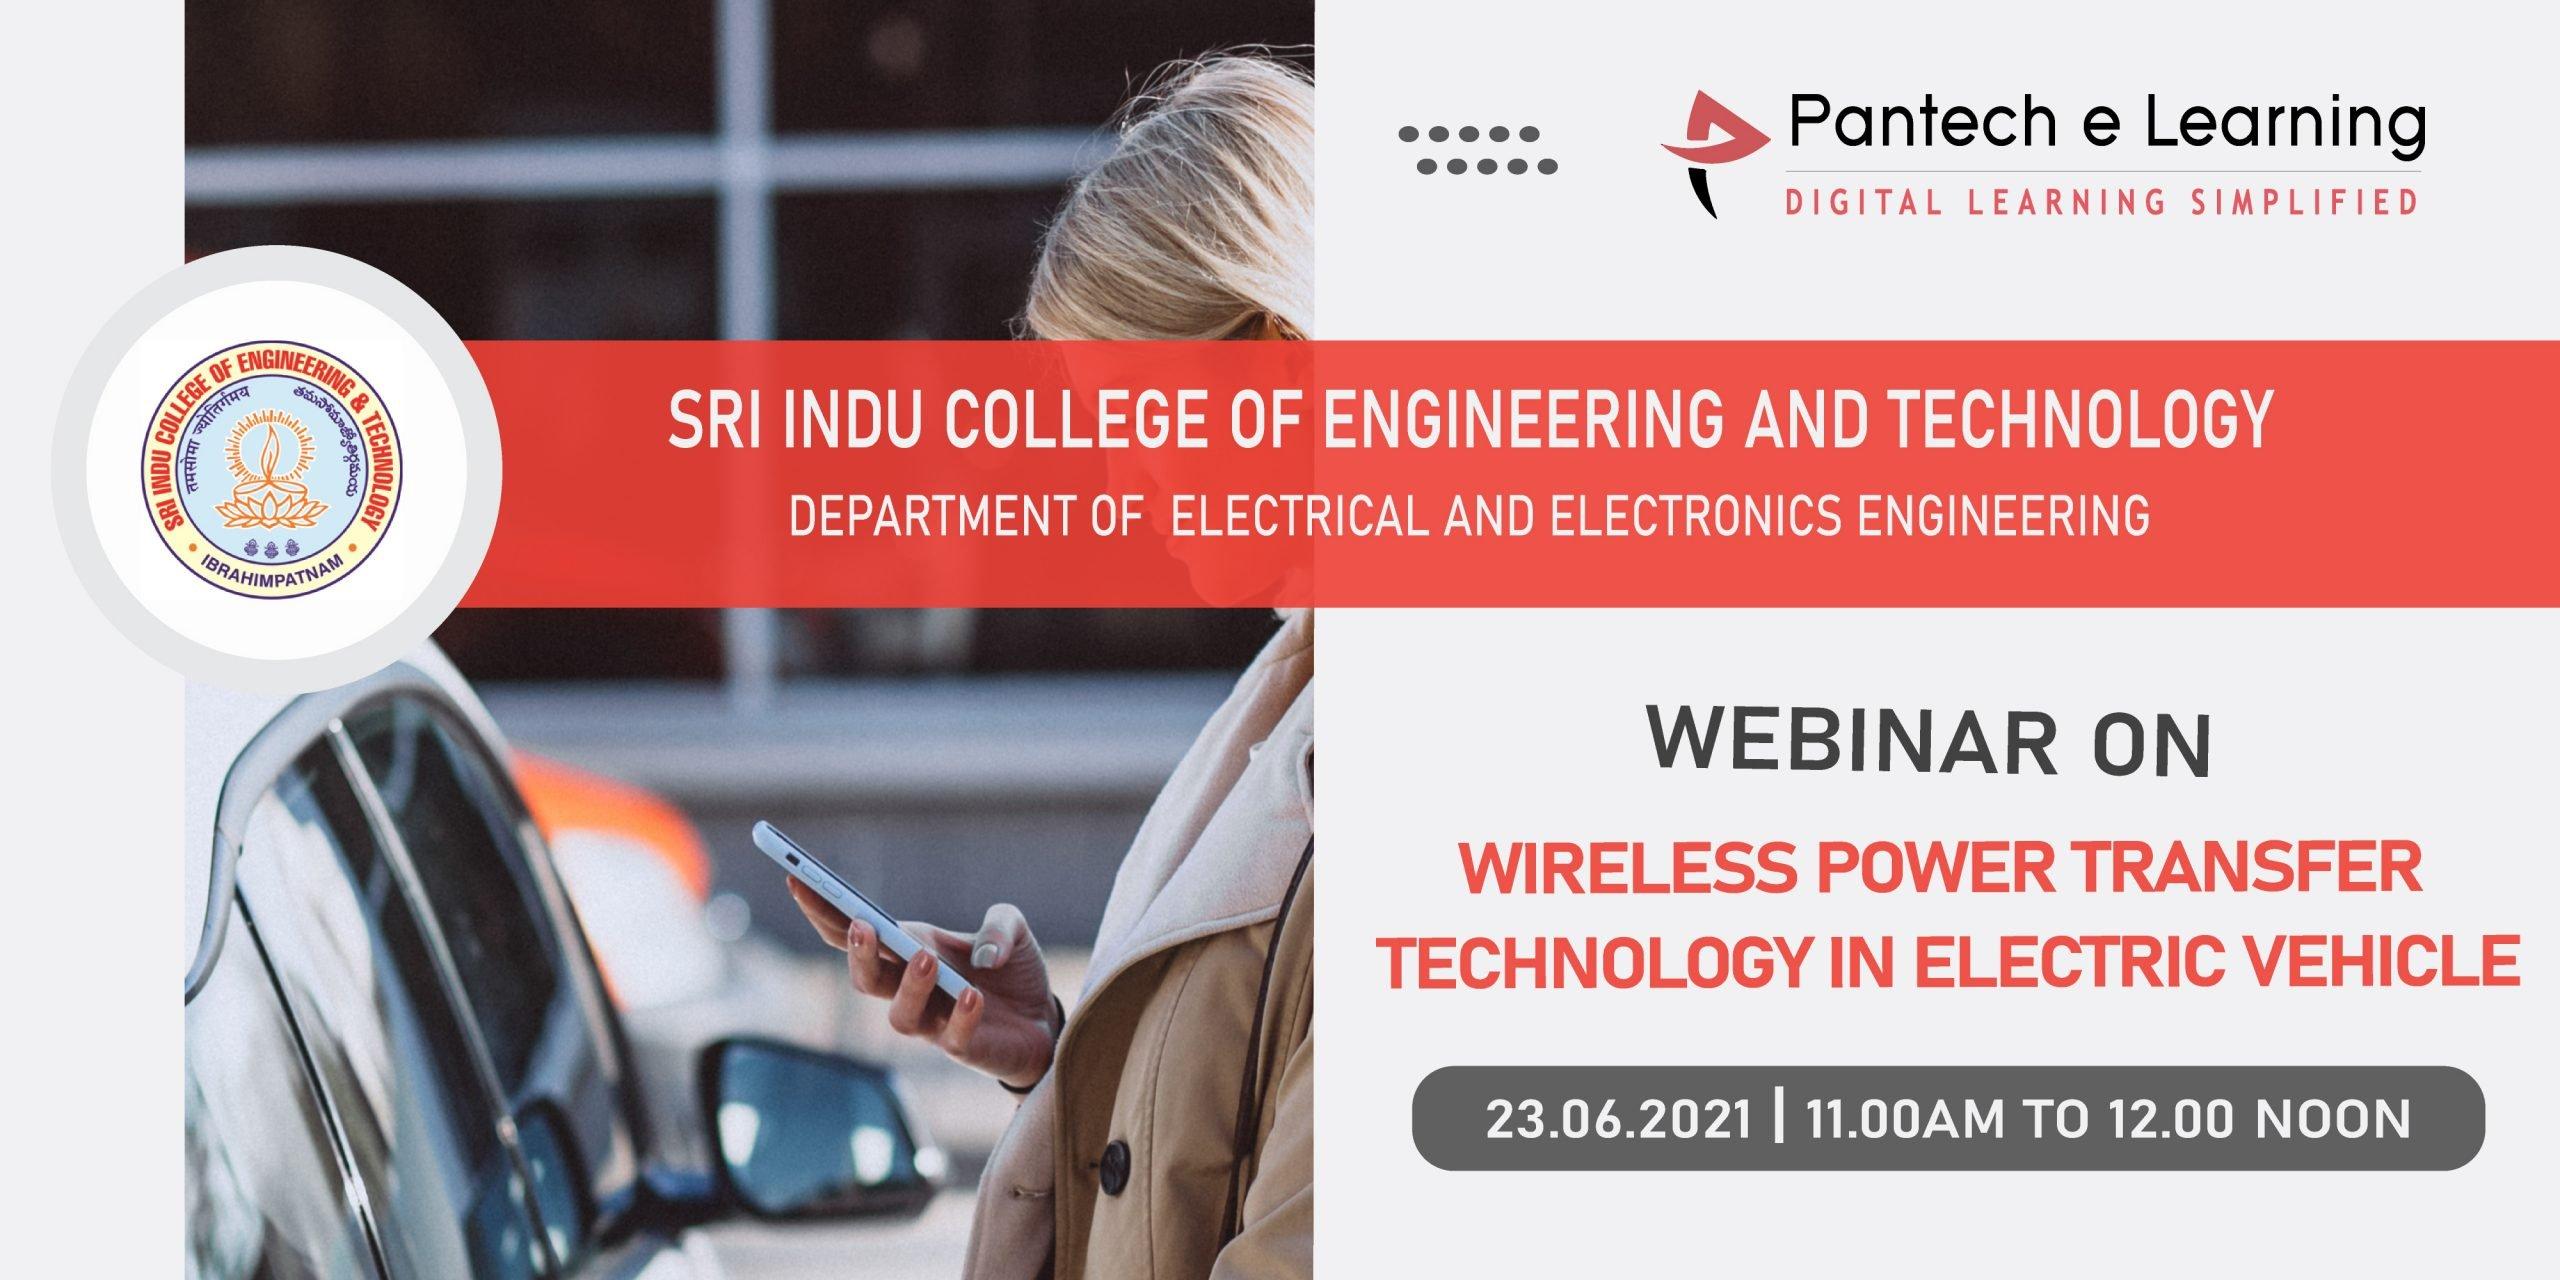 wireless power transfer in EV Sri Indu Pantech eLearning